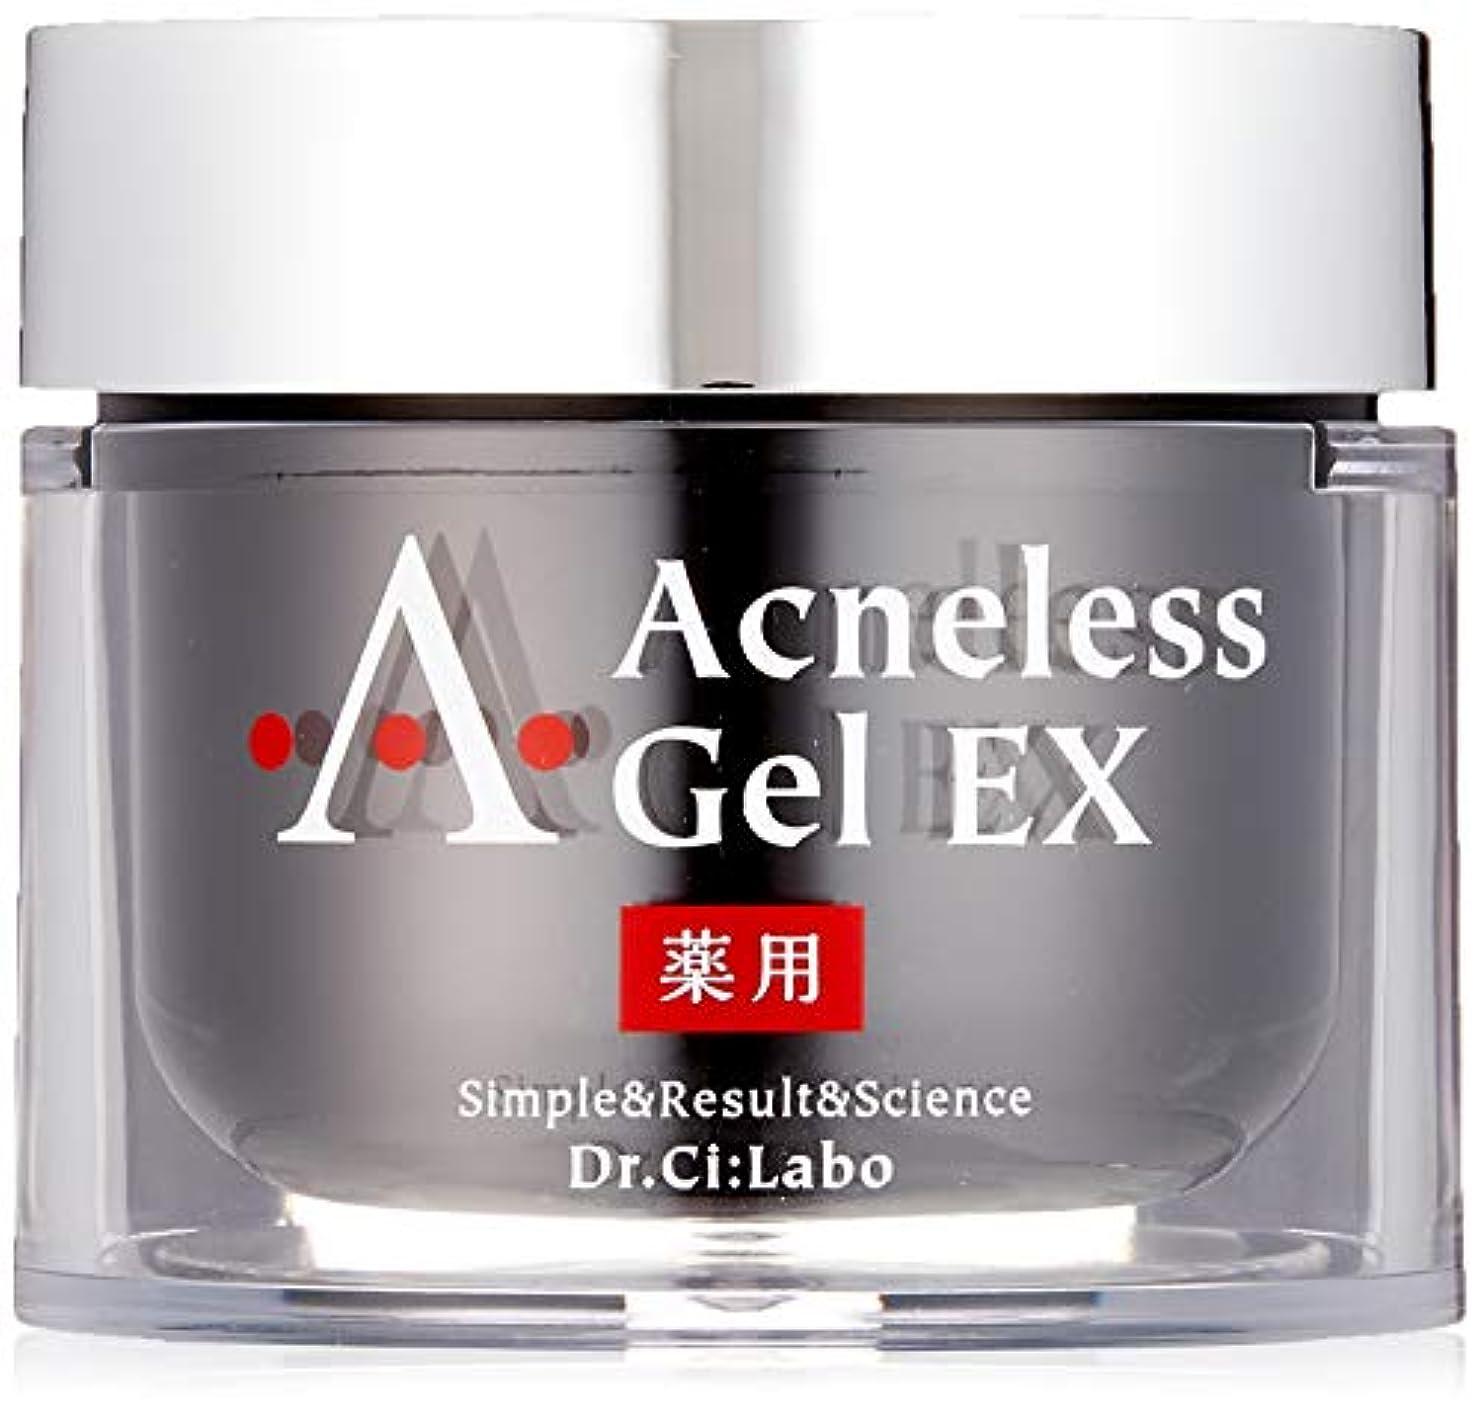 一緒に深くとても多くの薬用アクネレスゲルEX80g